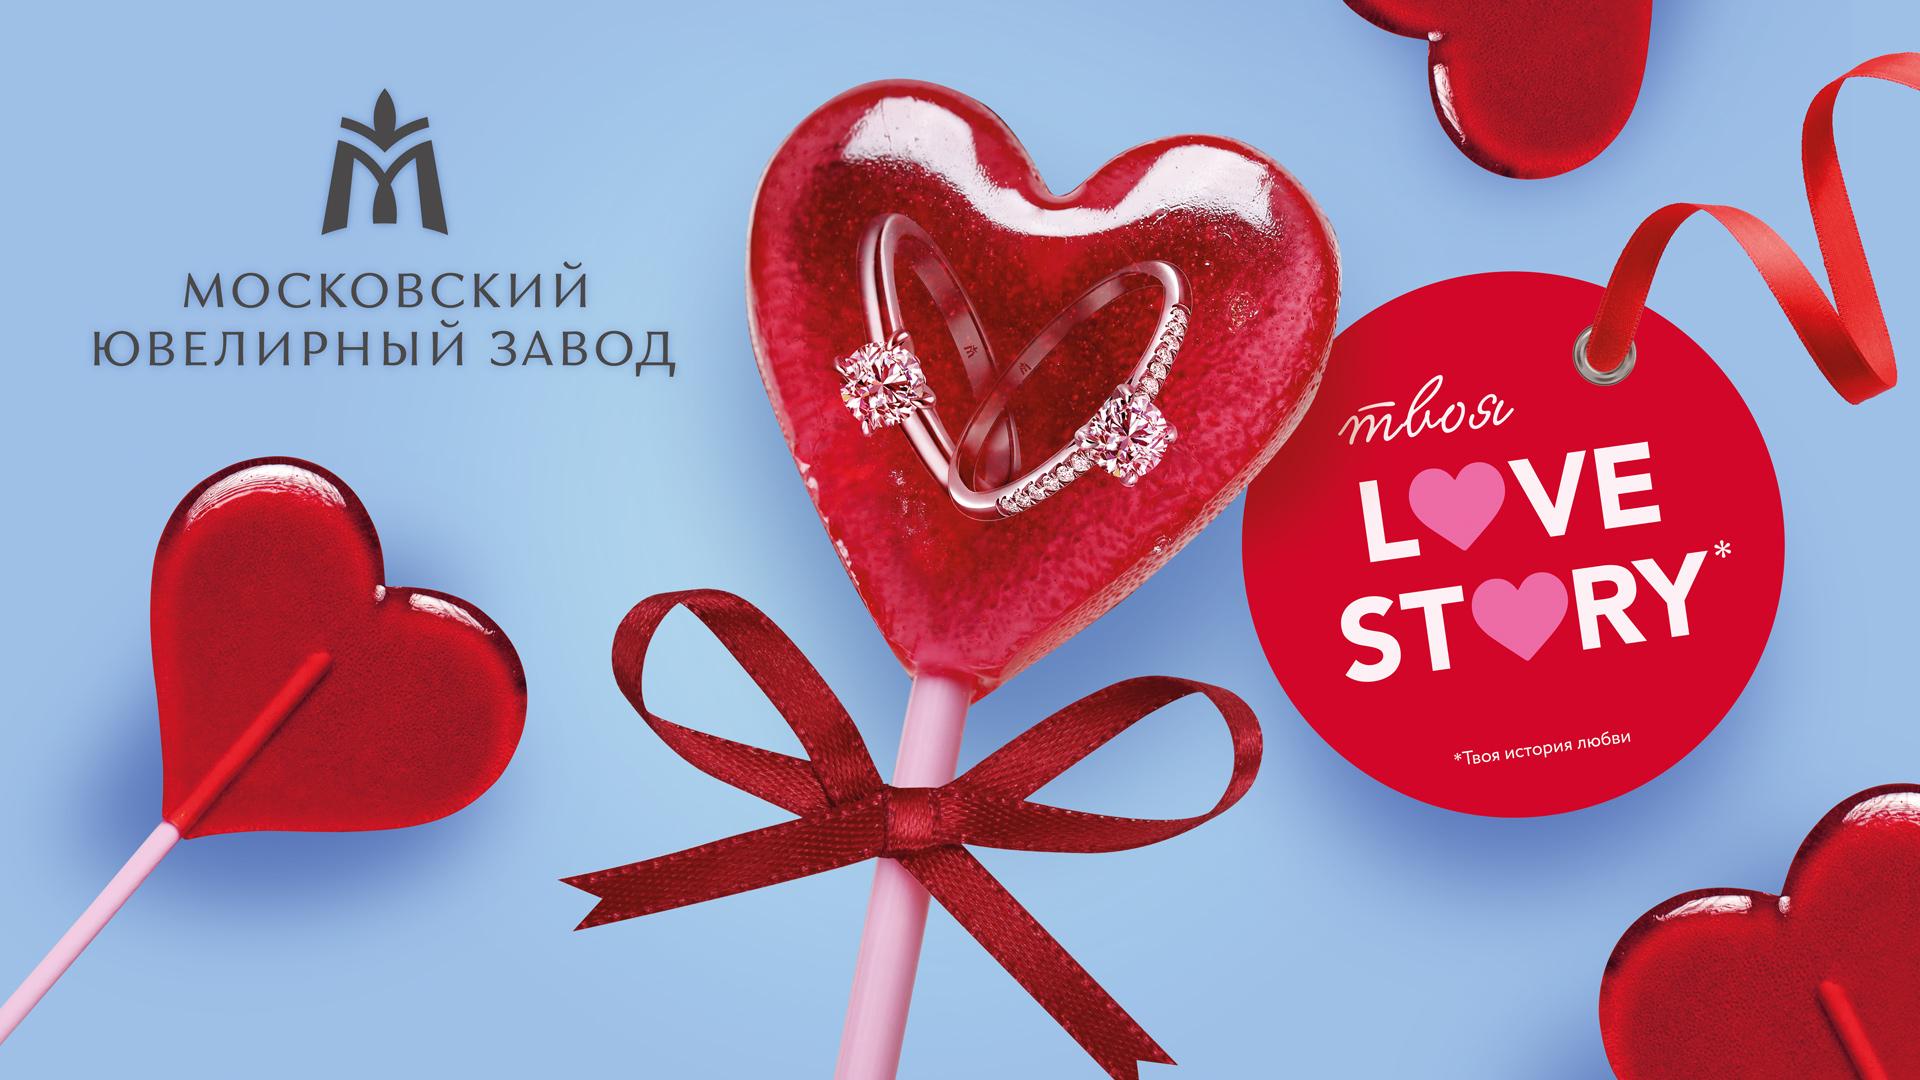 Твоя история любви в Московском ювелирном заводе!